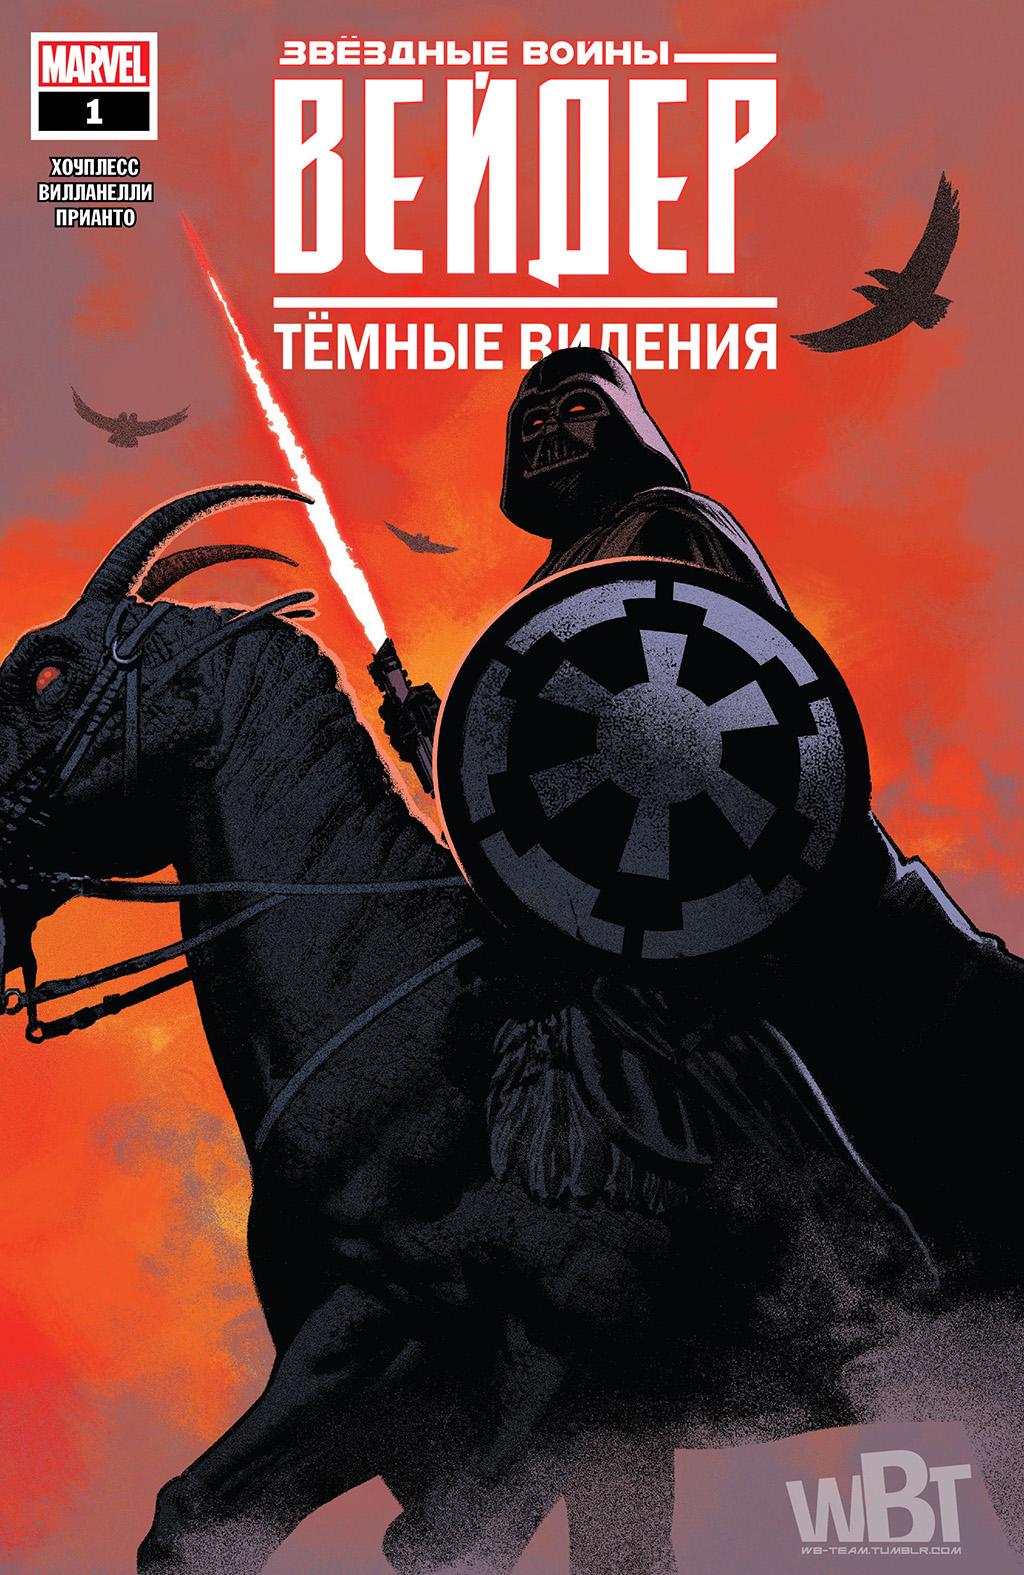 Комикс Звёздные войны - Вейдер - Тёмные Видения